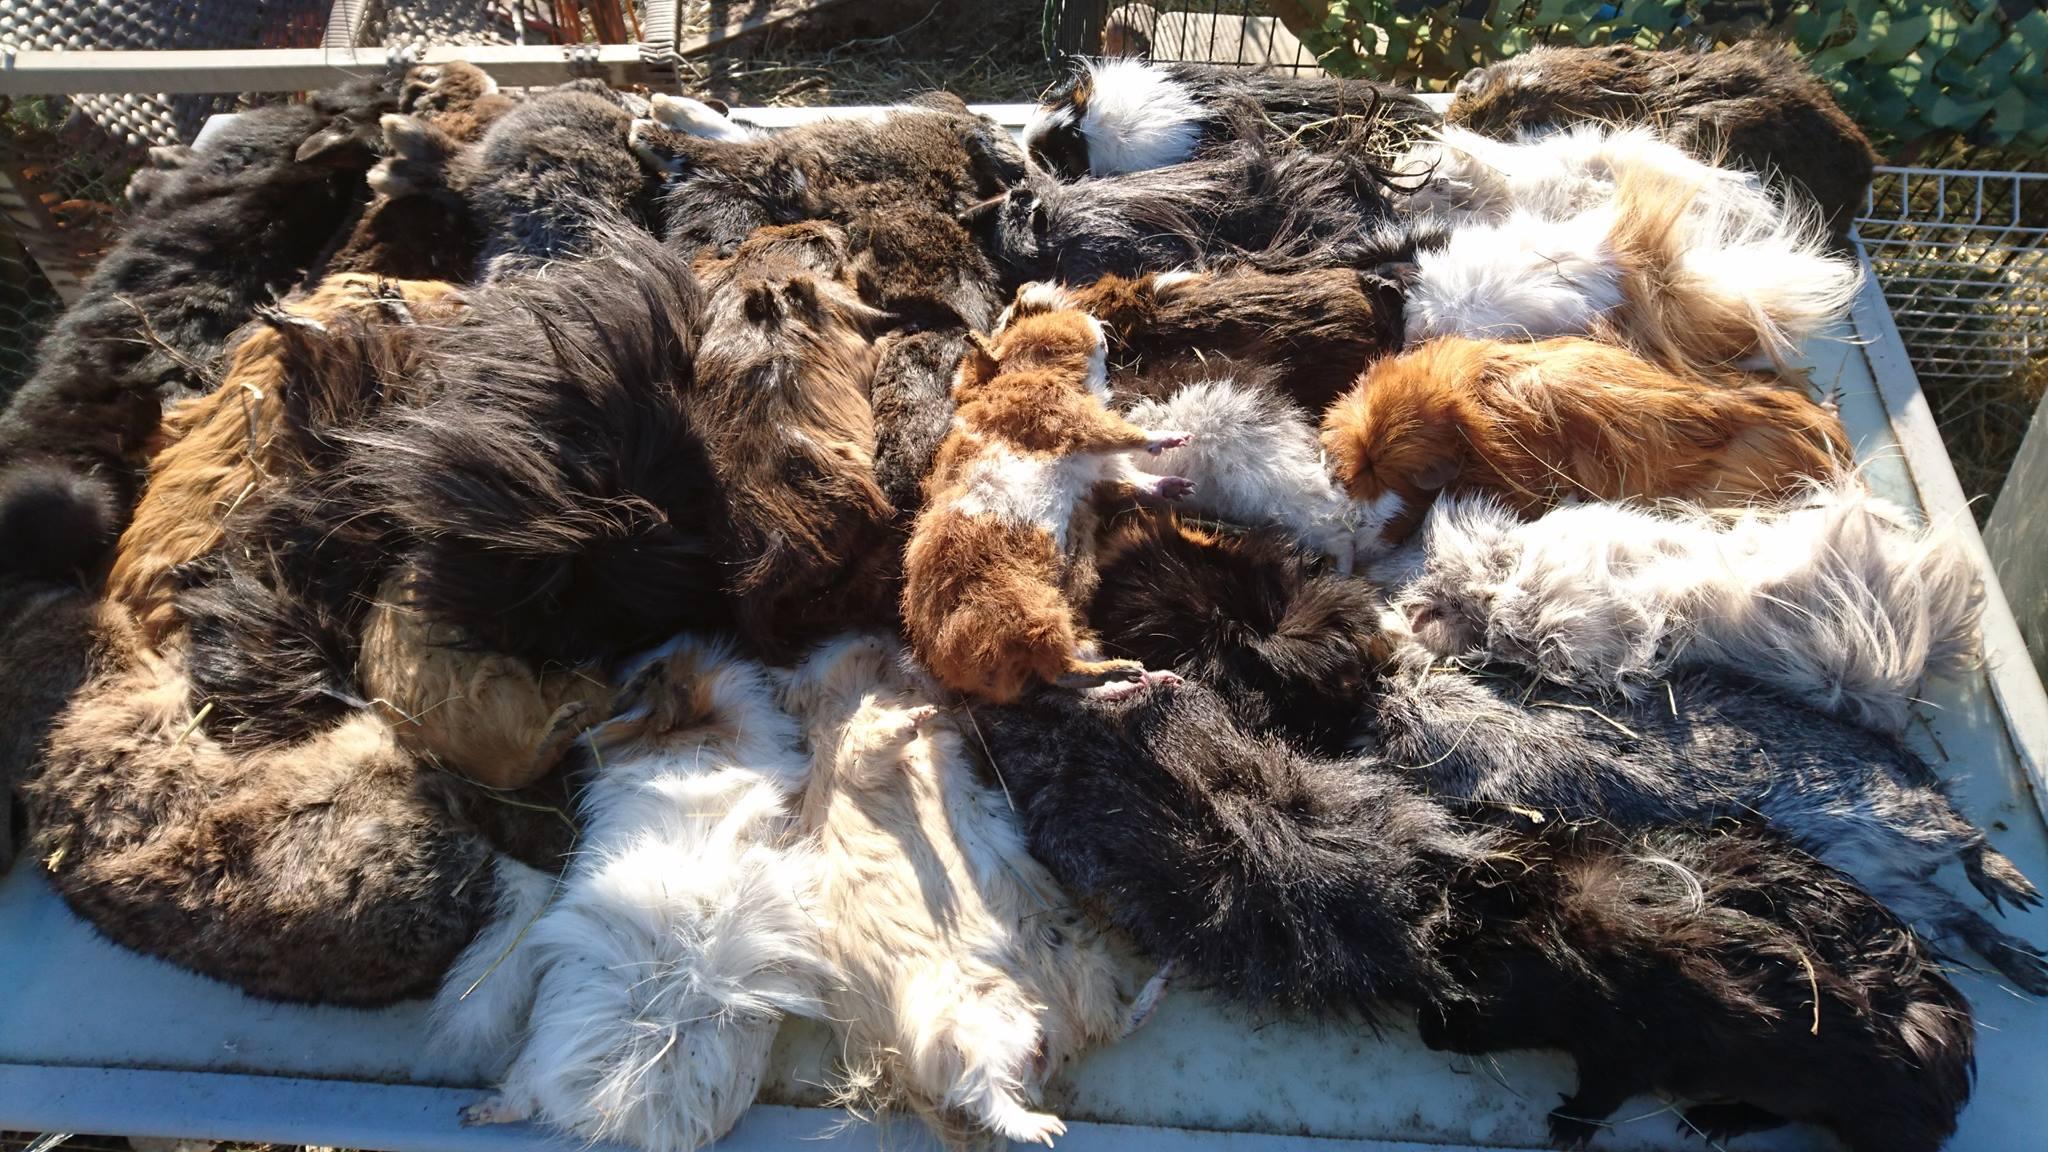 cochons-d-inde-massacre-ferme-doudou-1